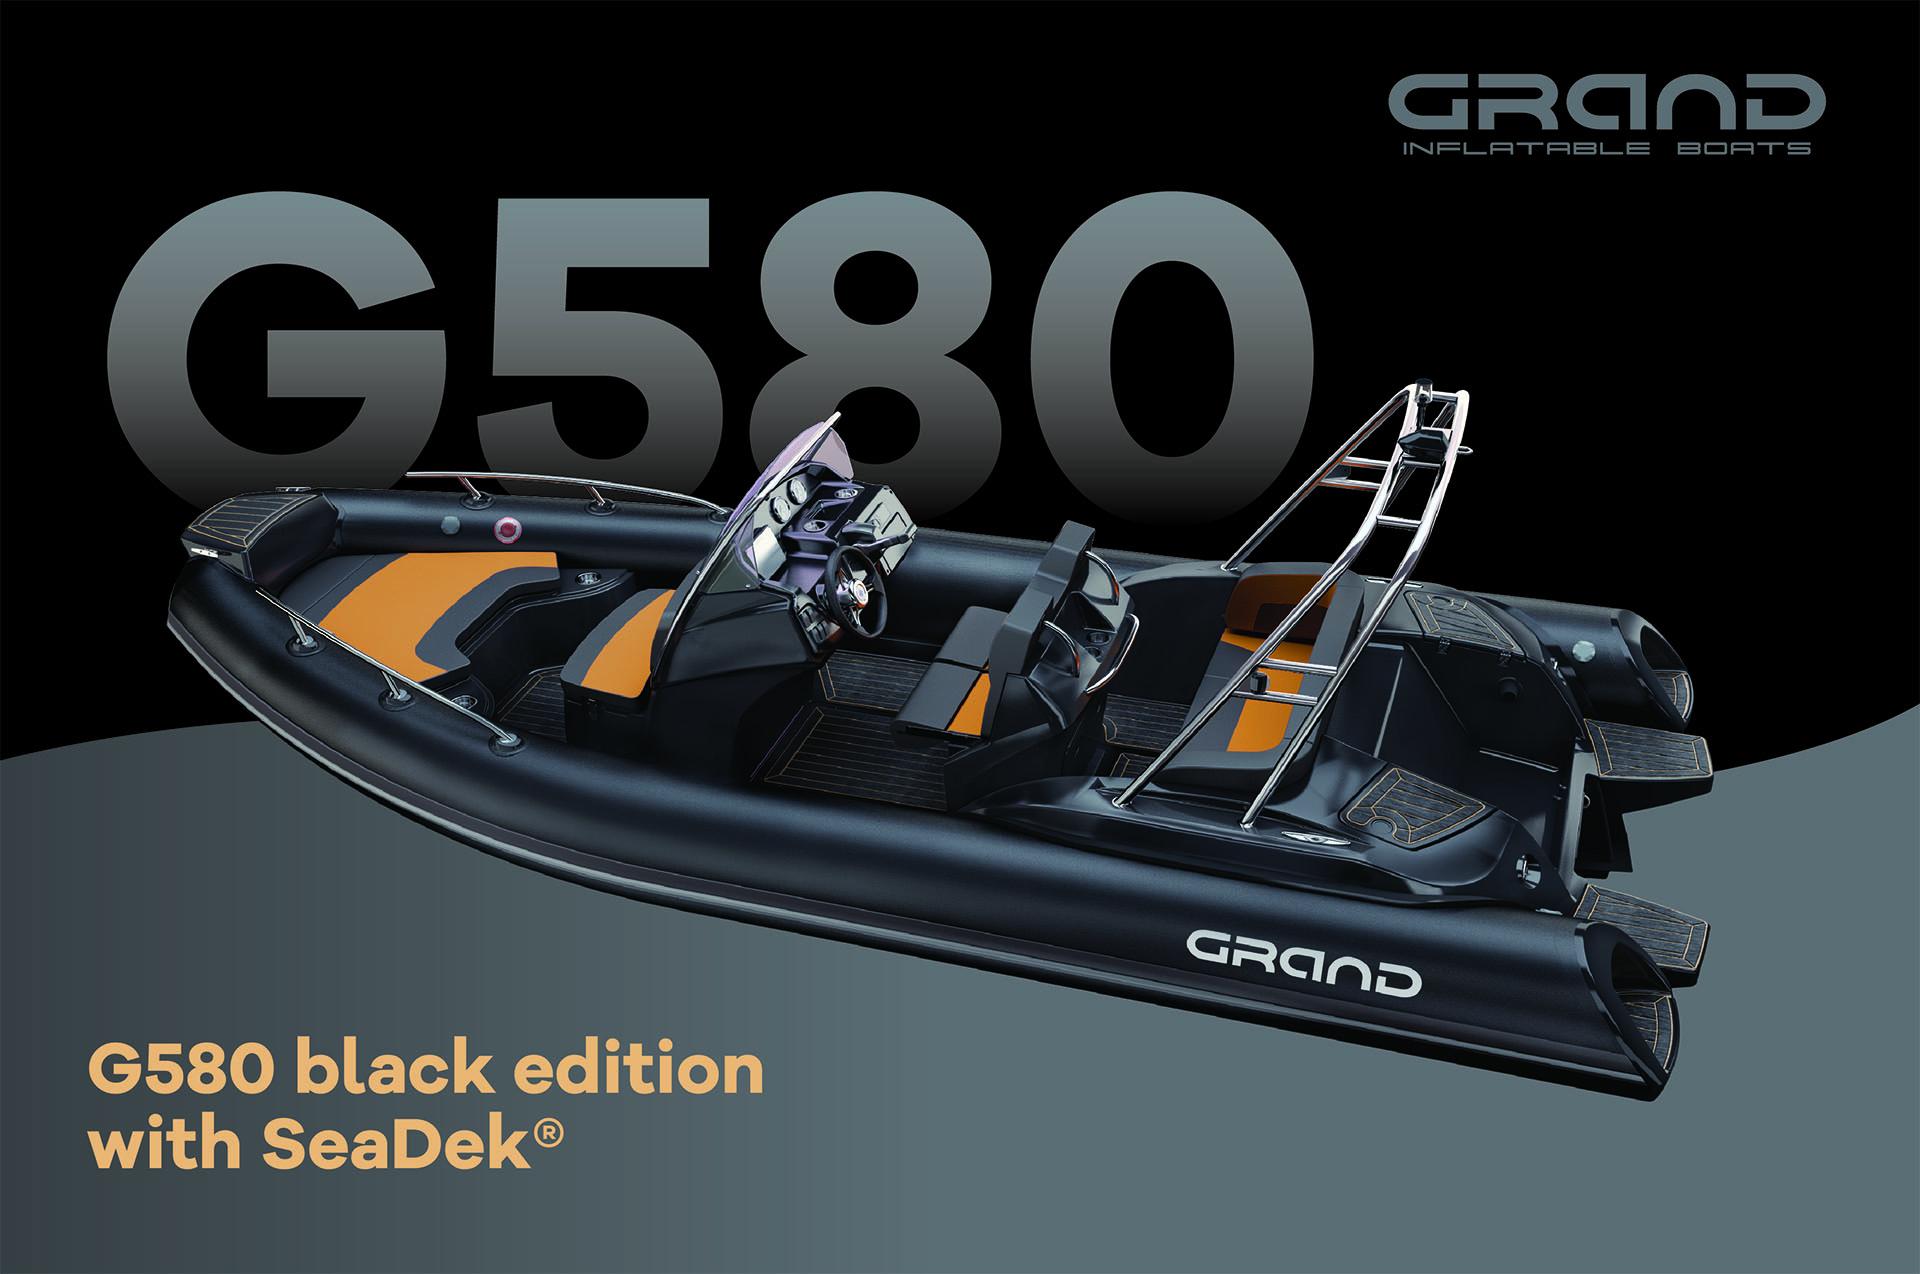 G580LF